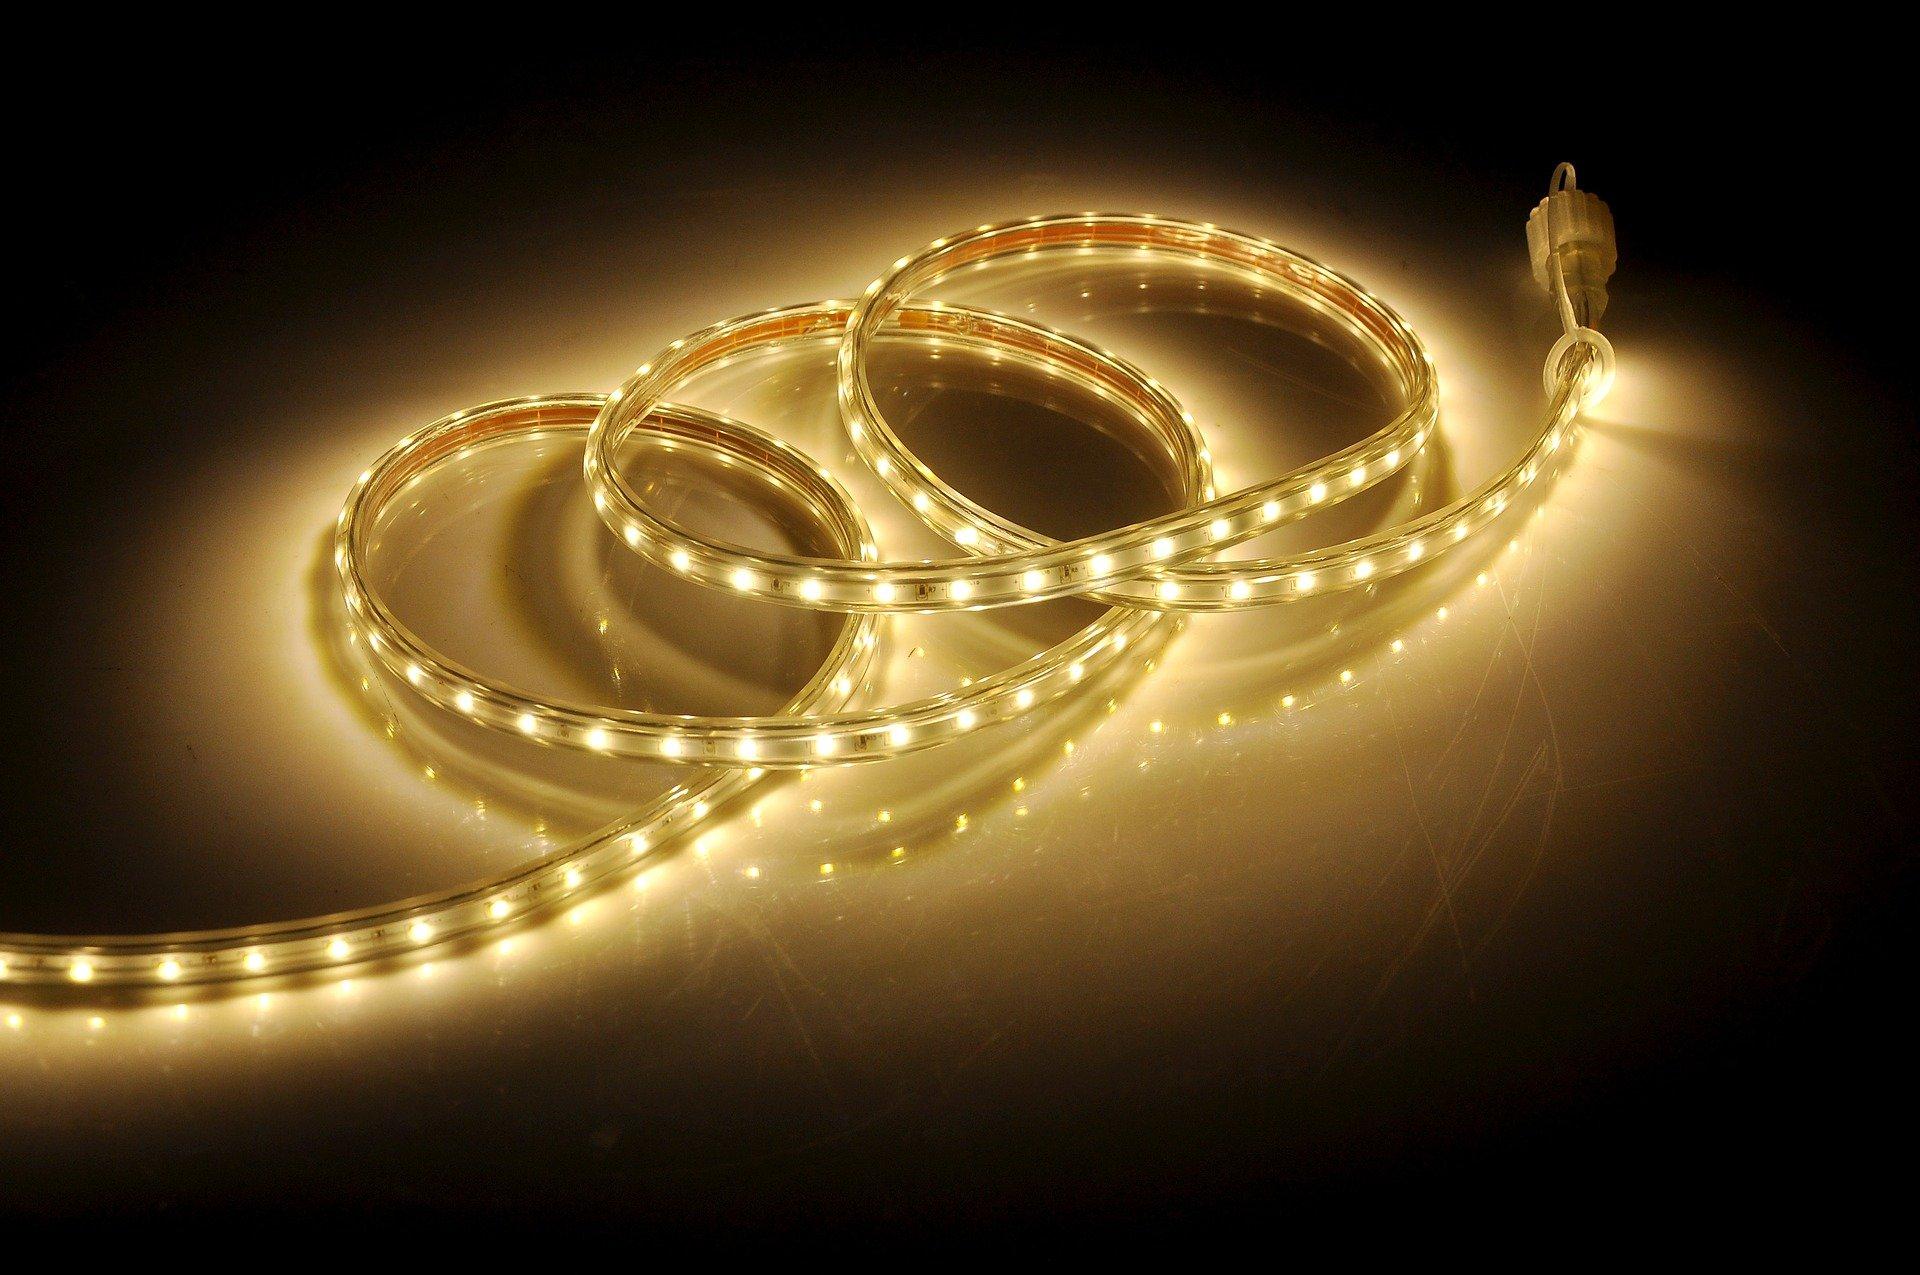 Imagem mostra uma fita de LED em destaque.